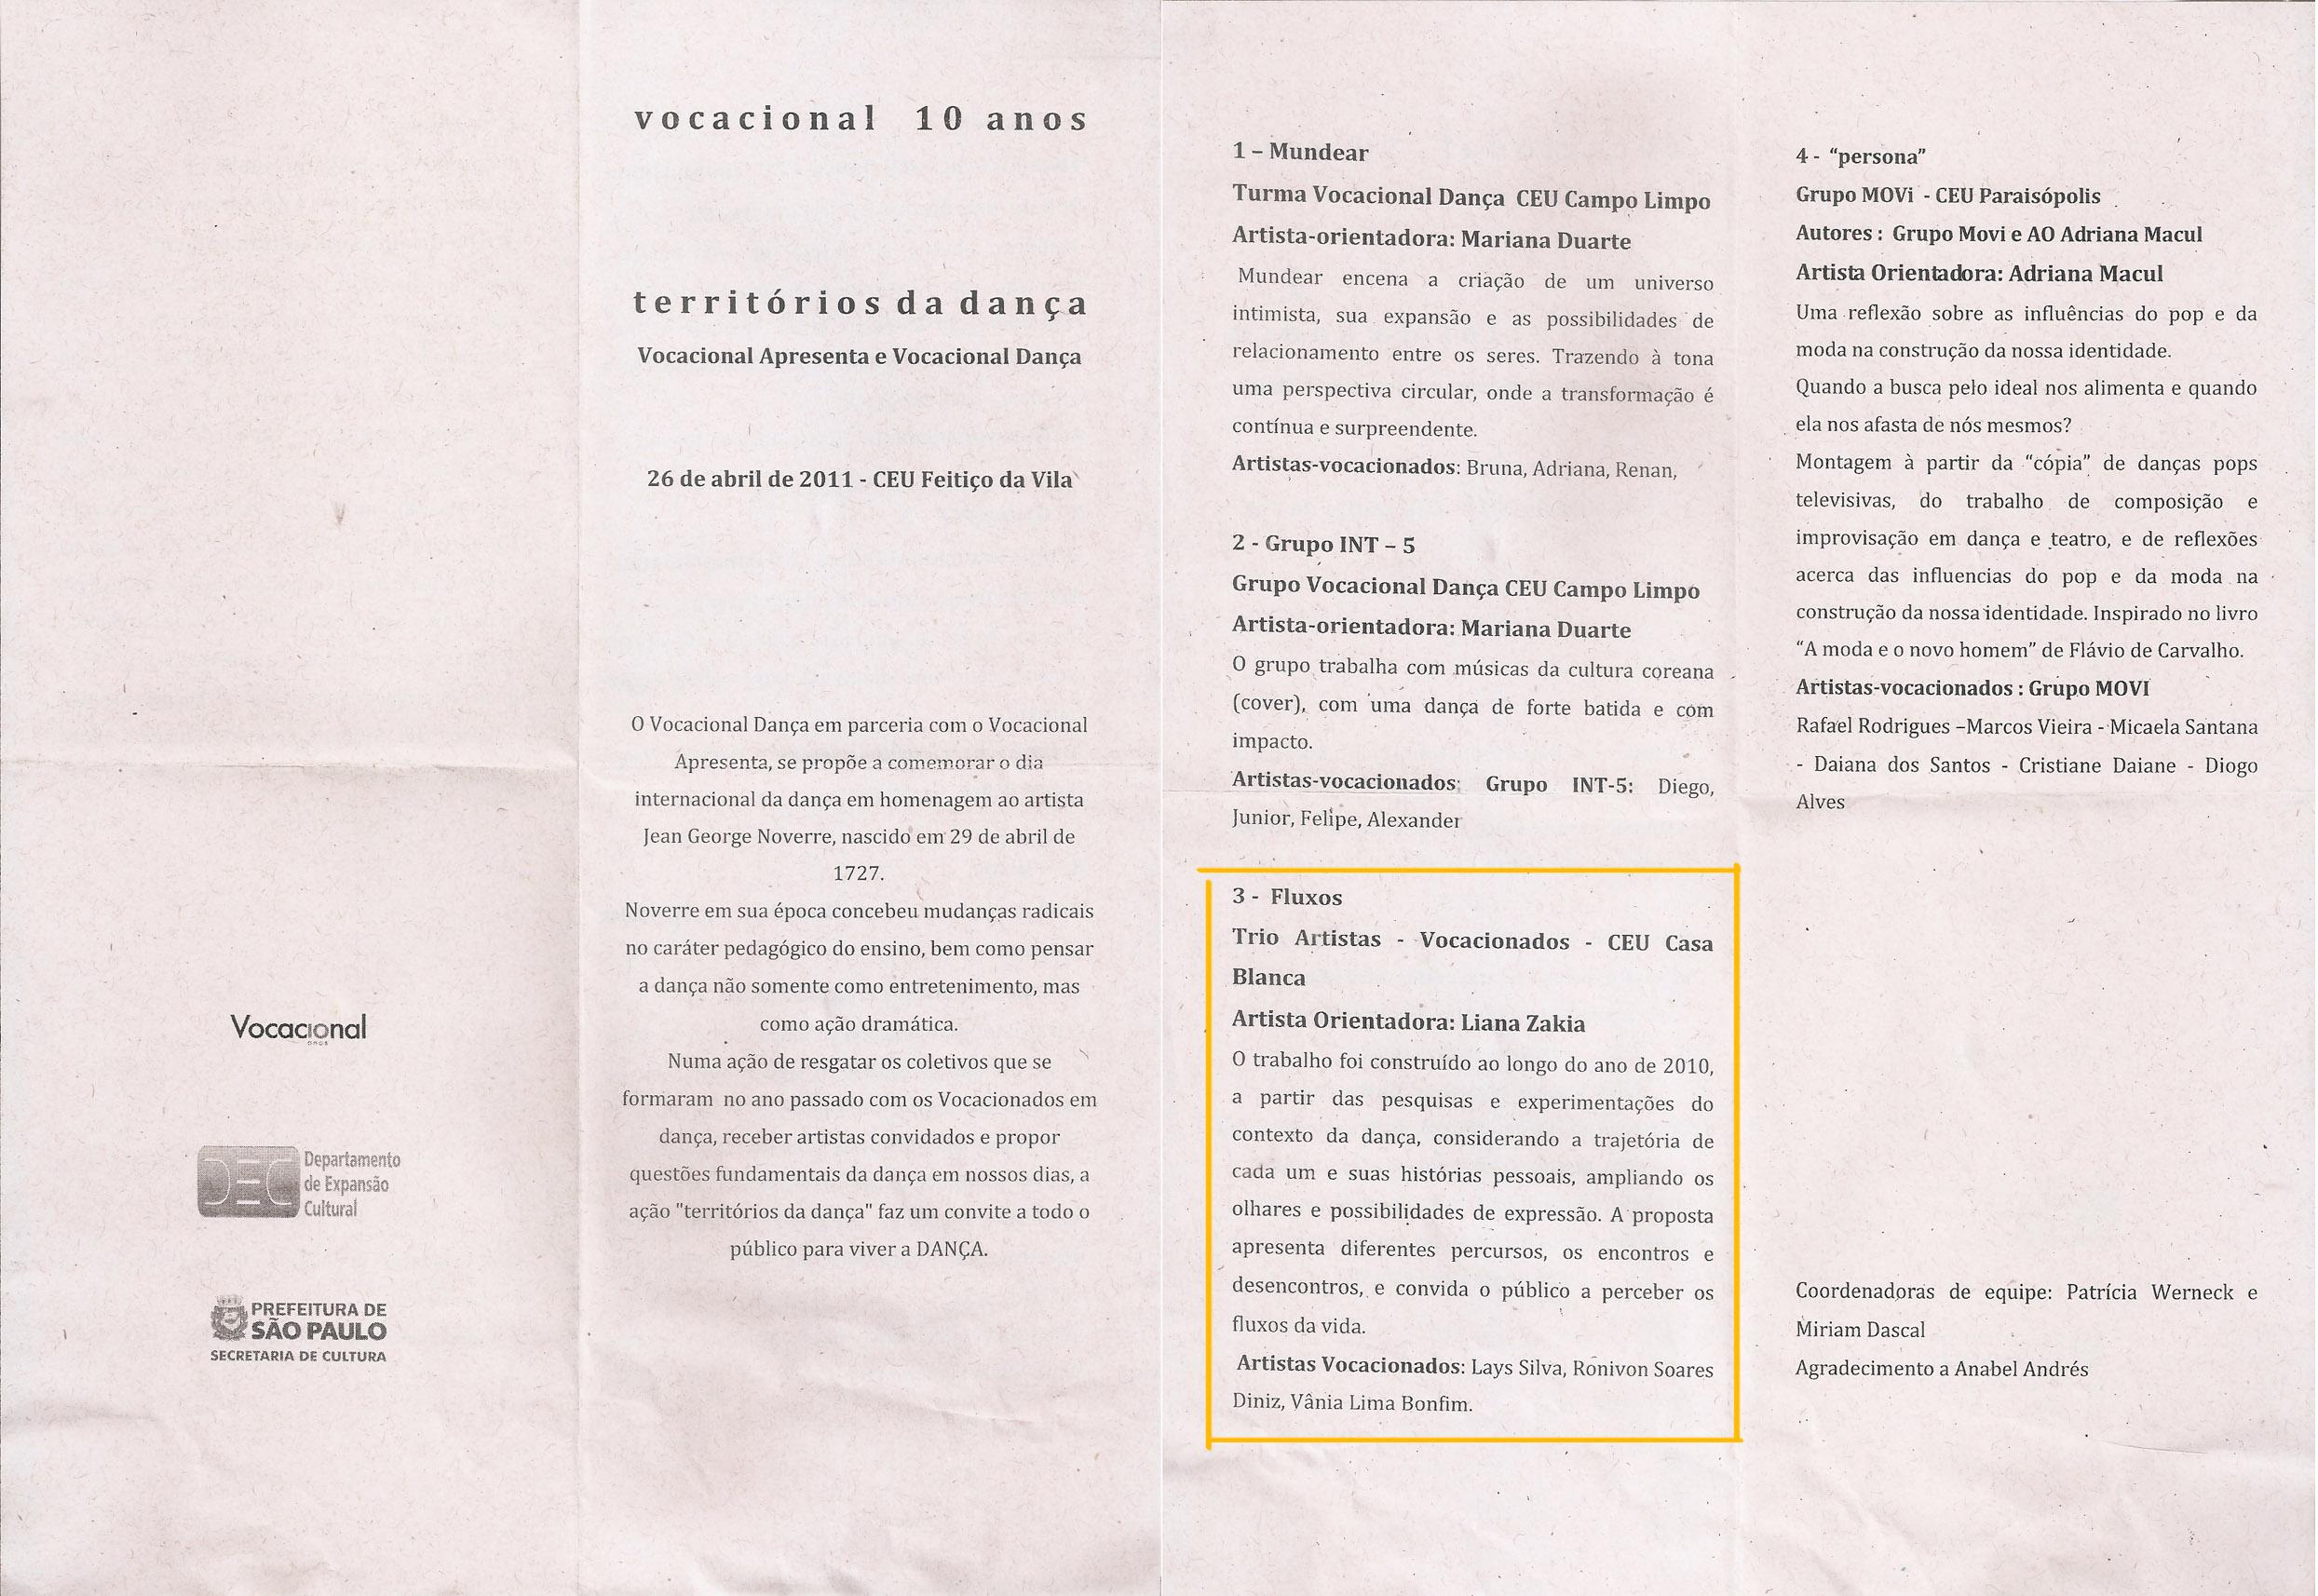 2011-04-26 Fluxos no Vocacional Apresenta